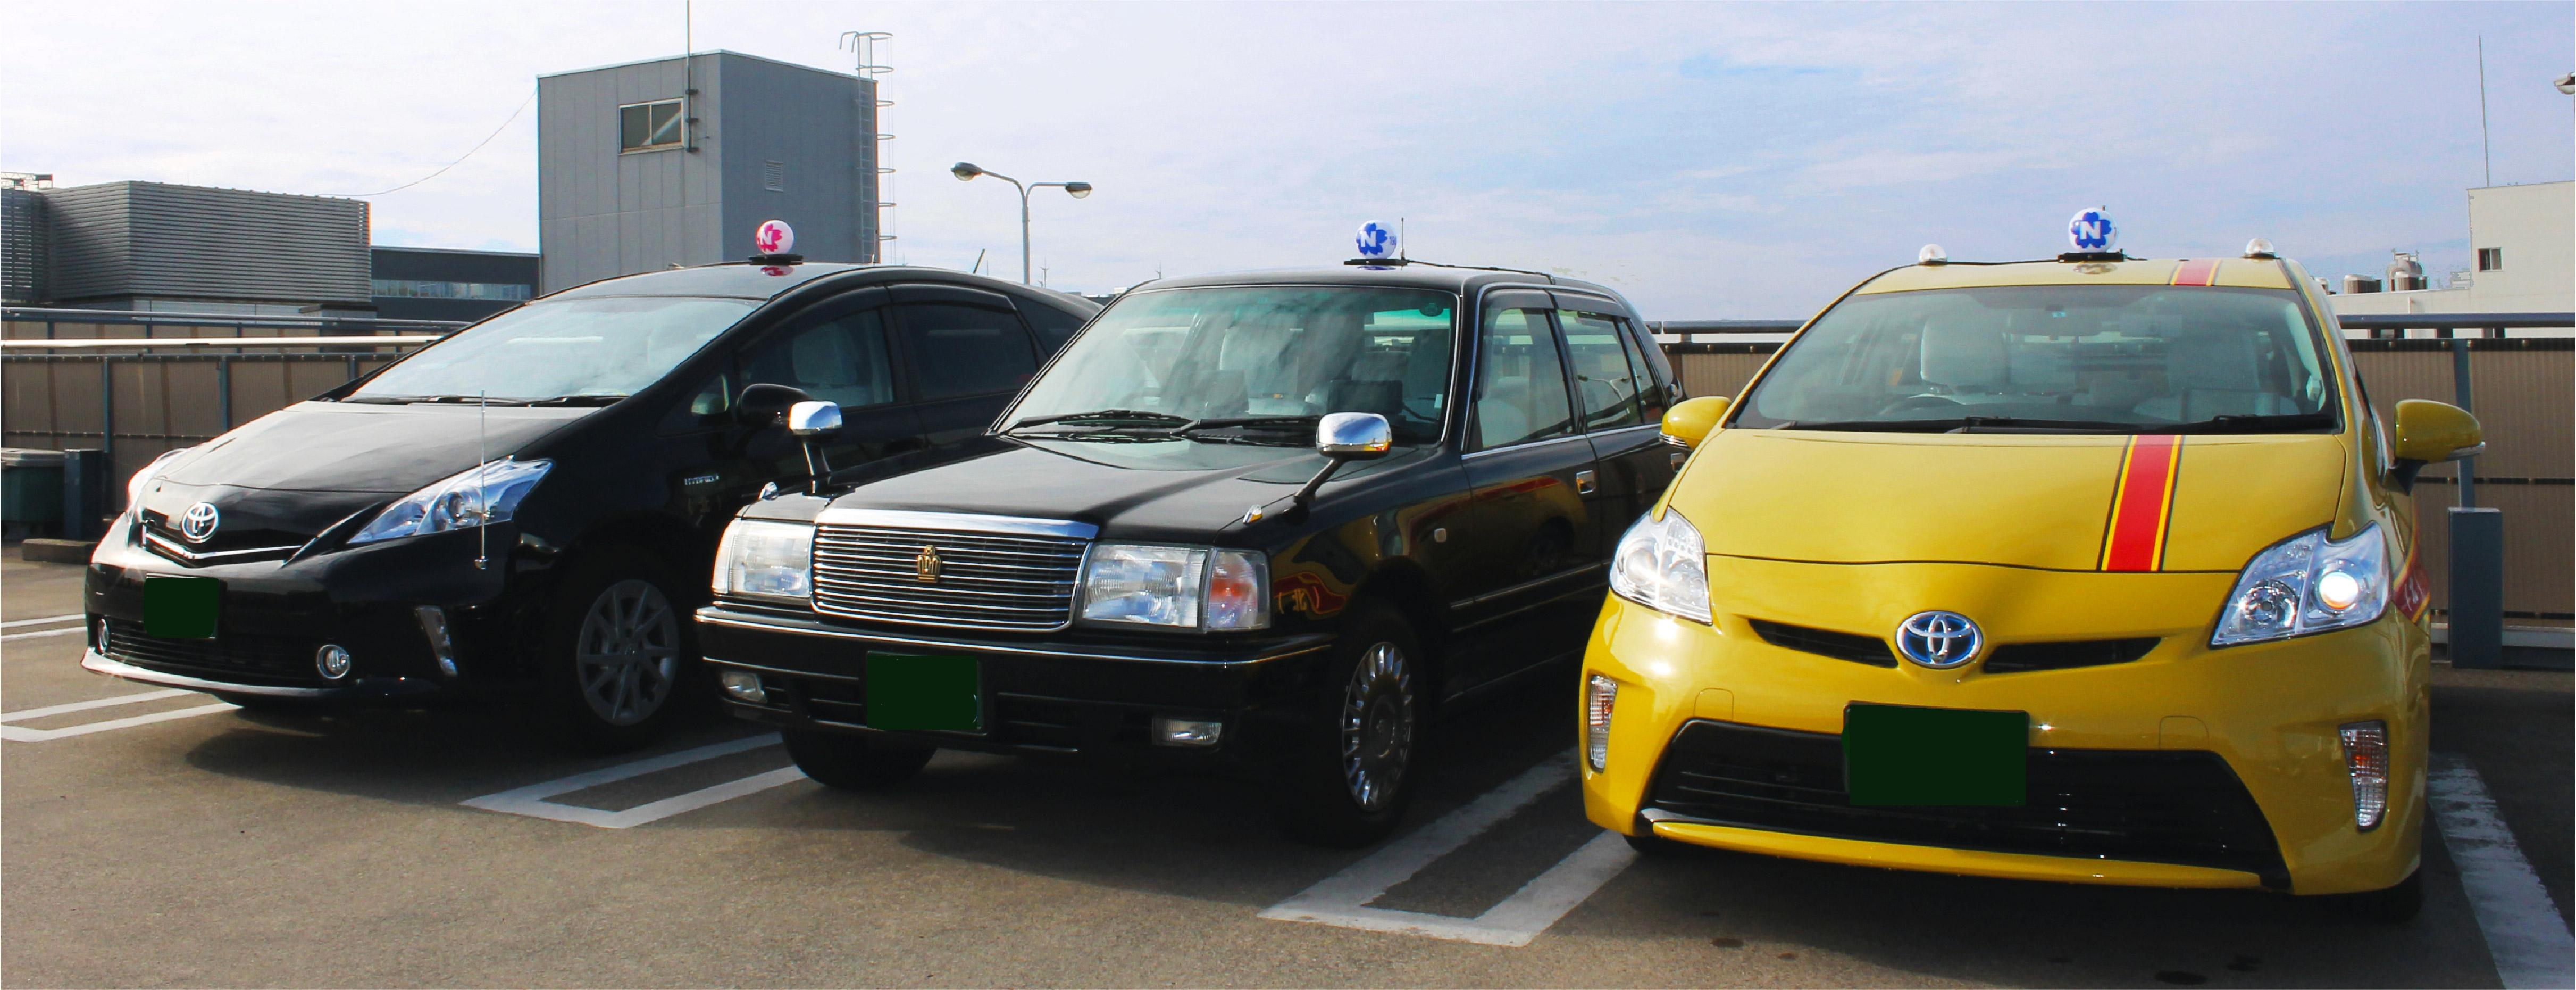 走るプロモーション。日本交通のラッピングタクシーが熱い!